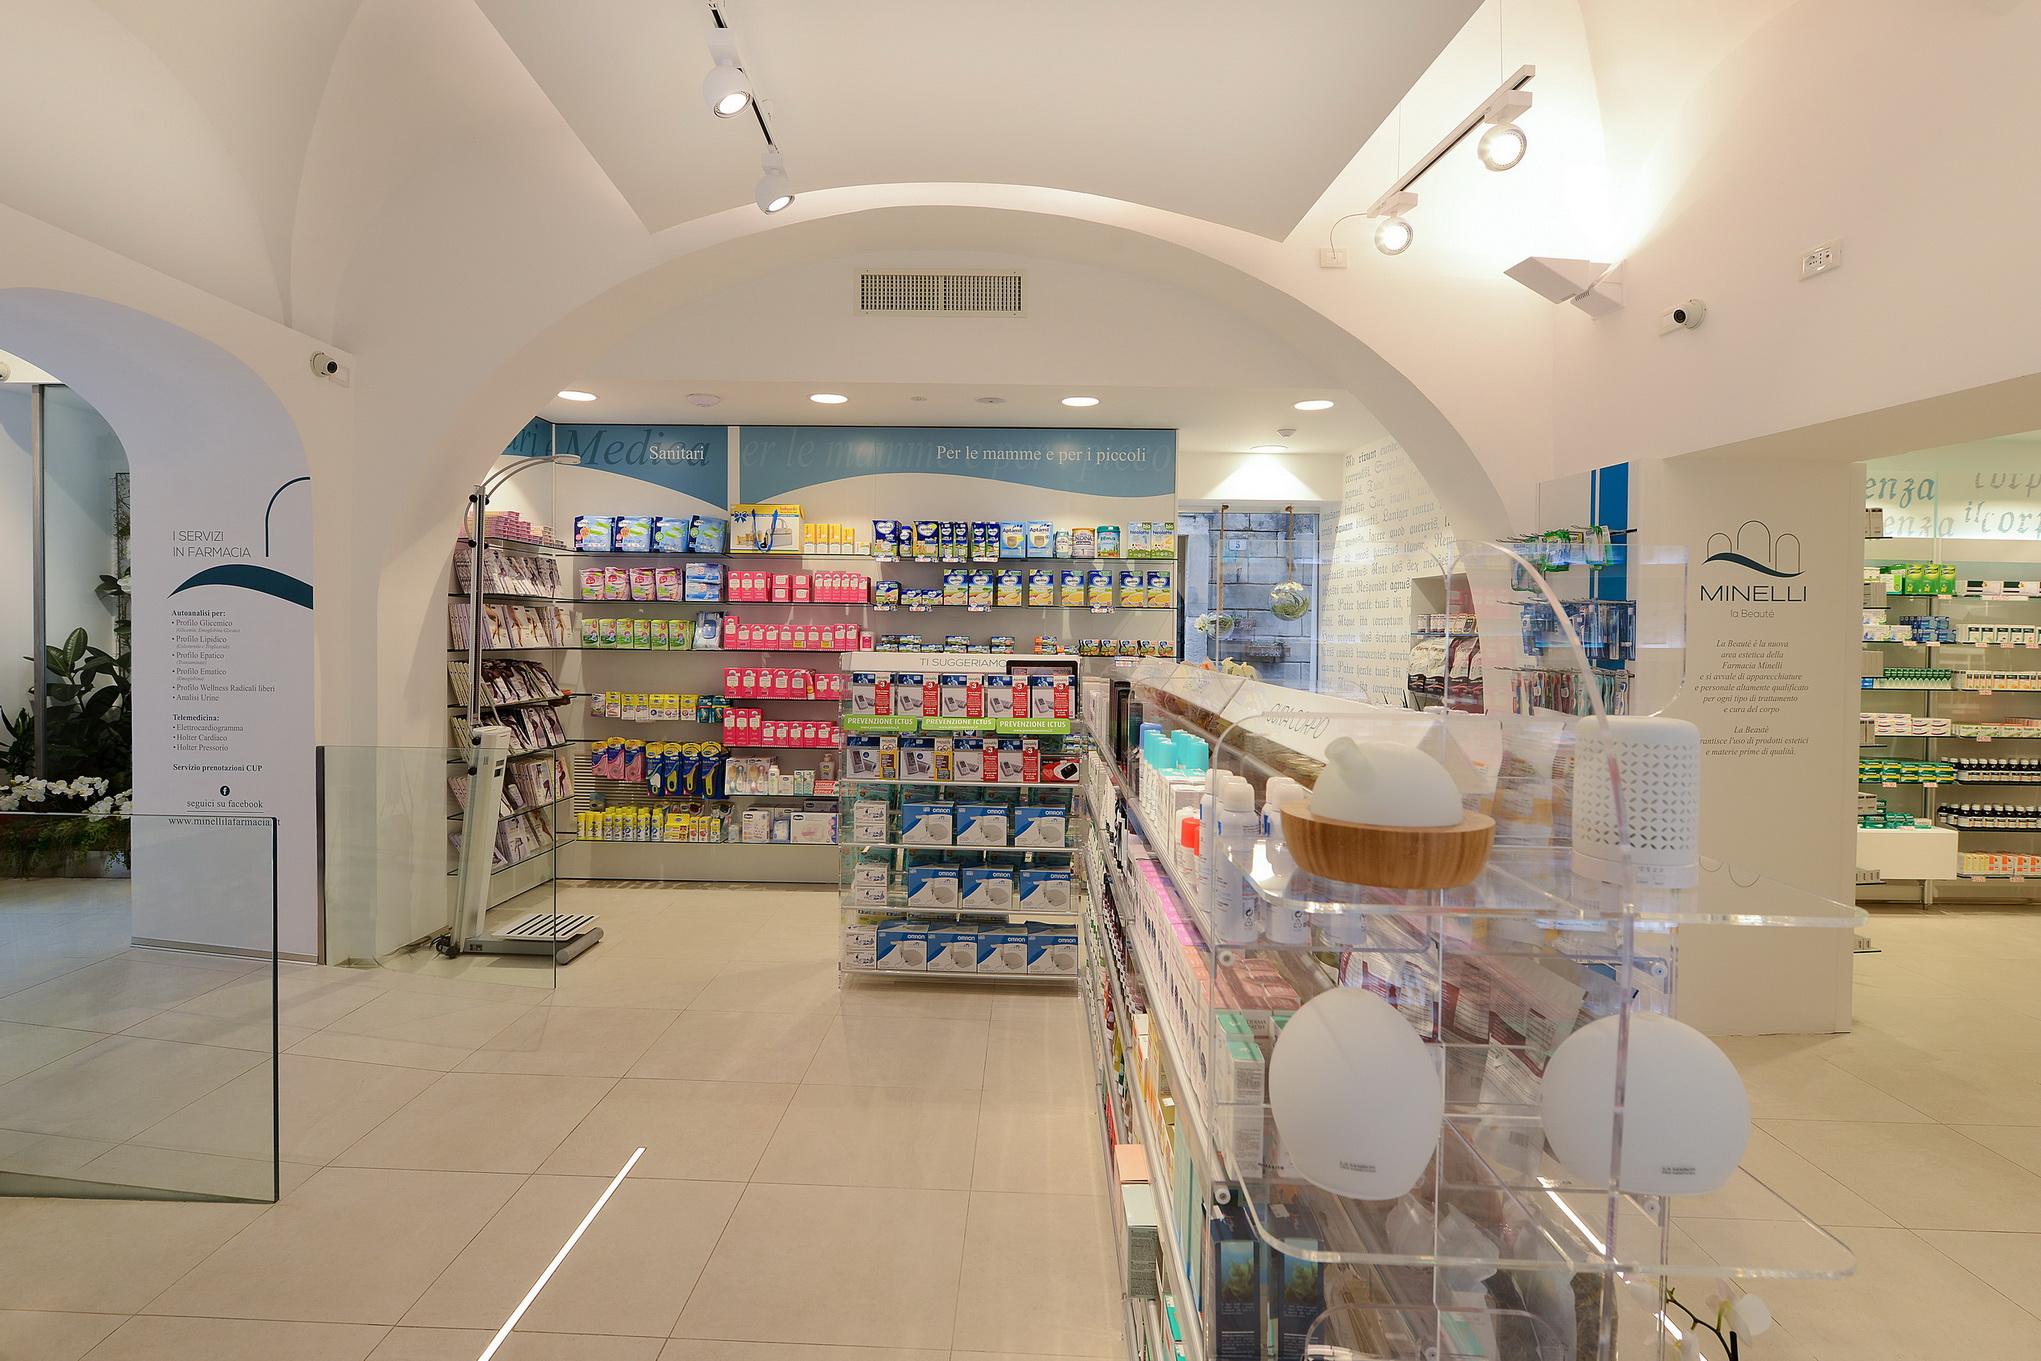 Arredamenti farmacia Tivoli